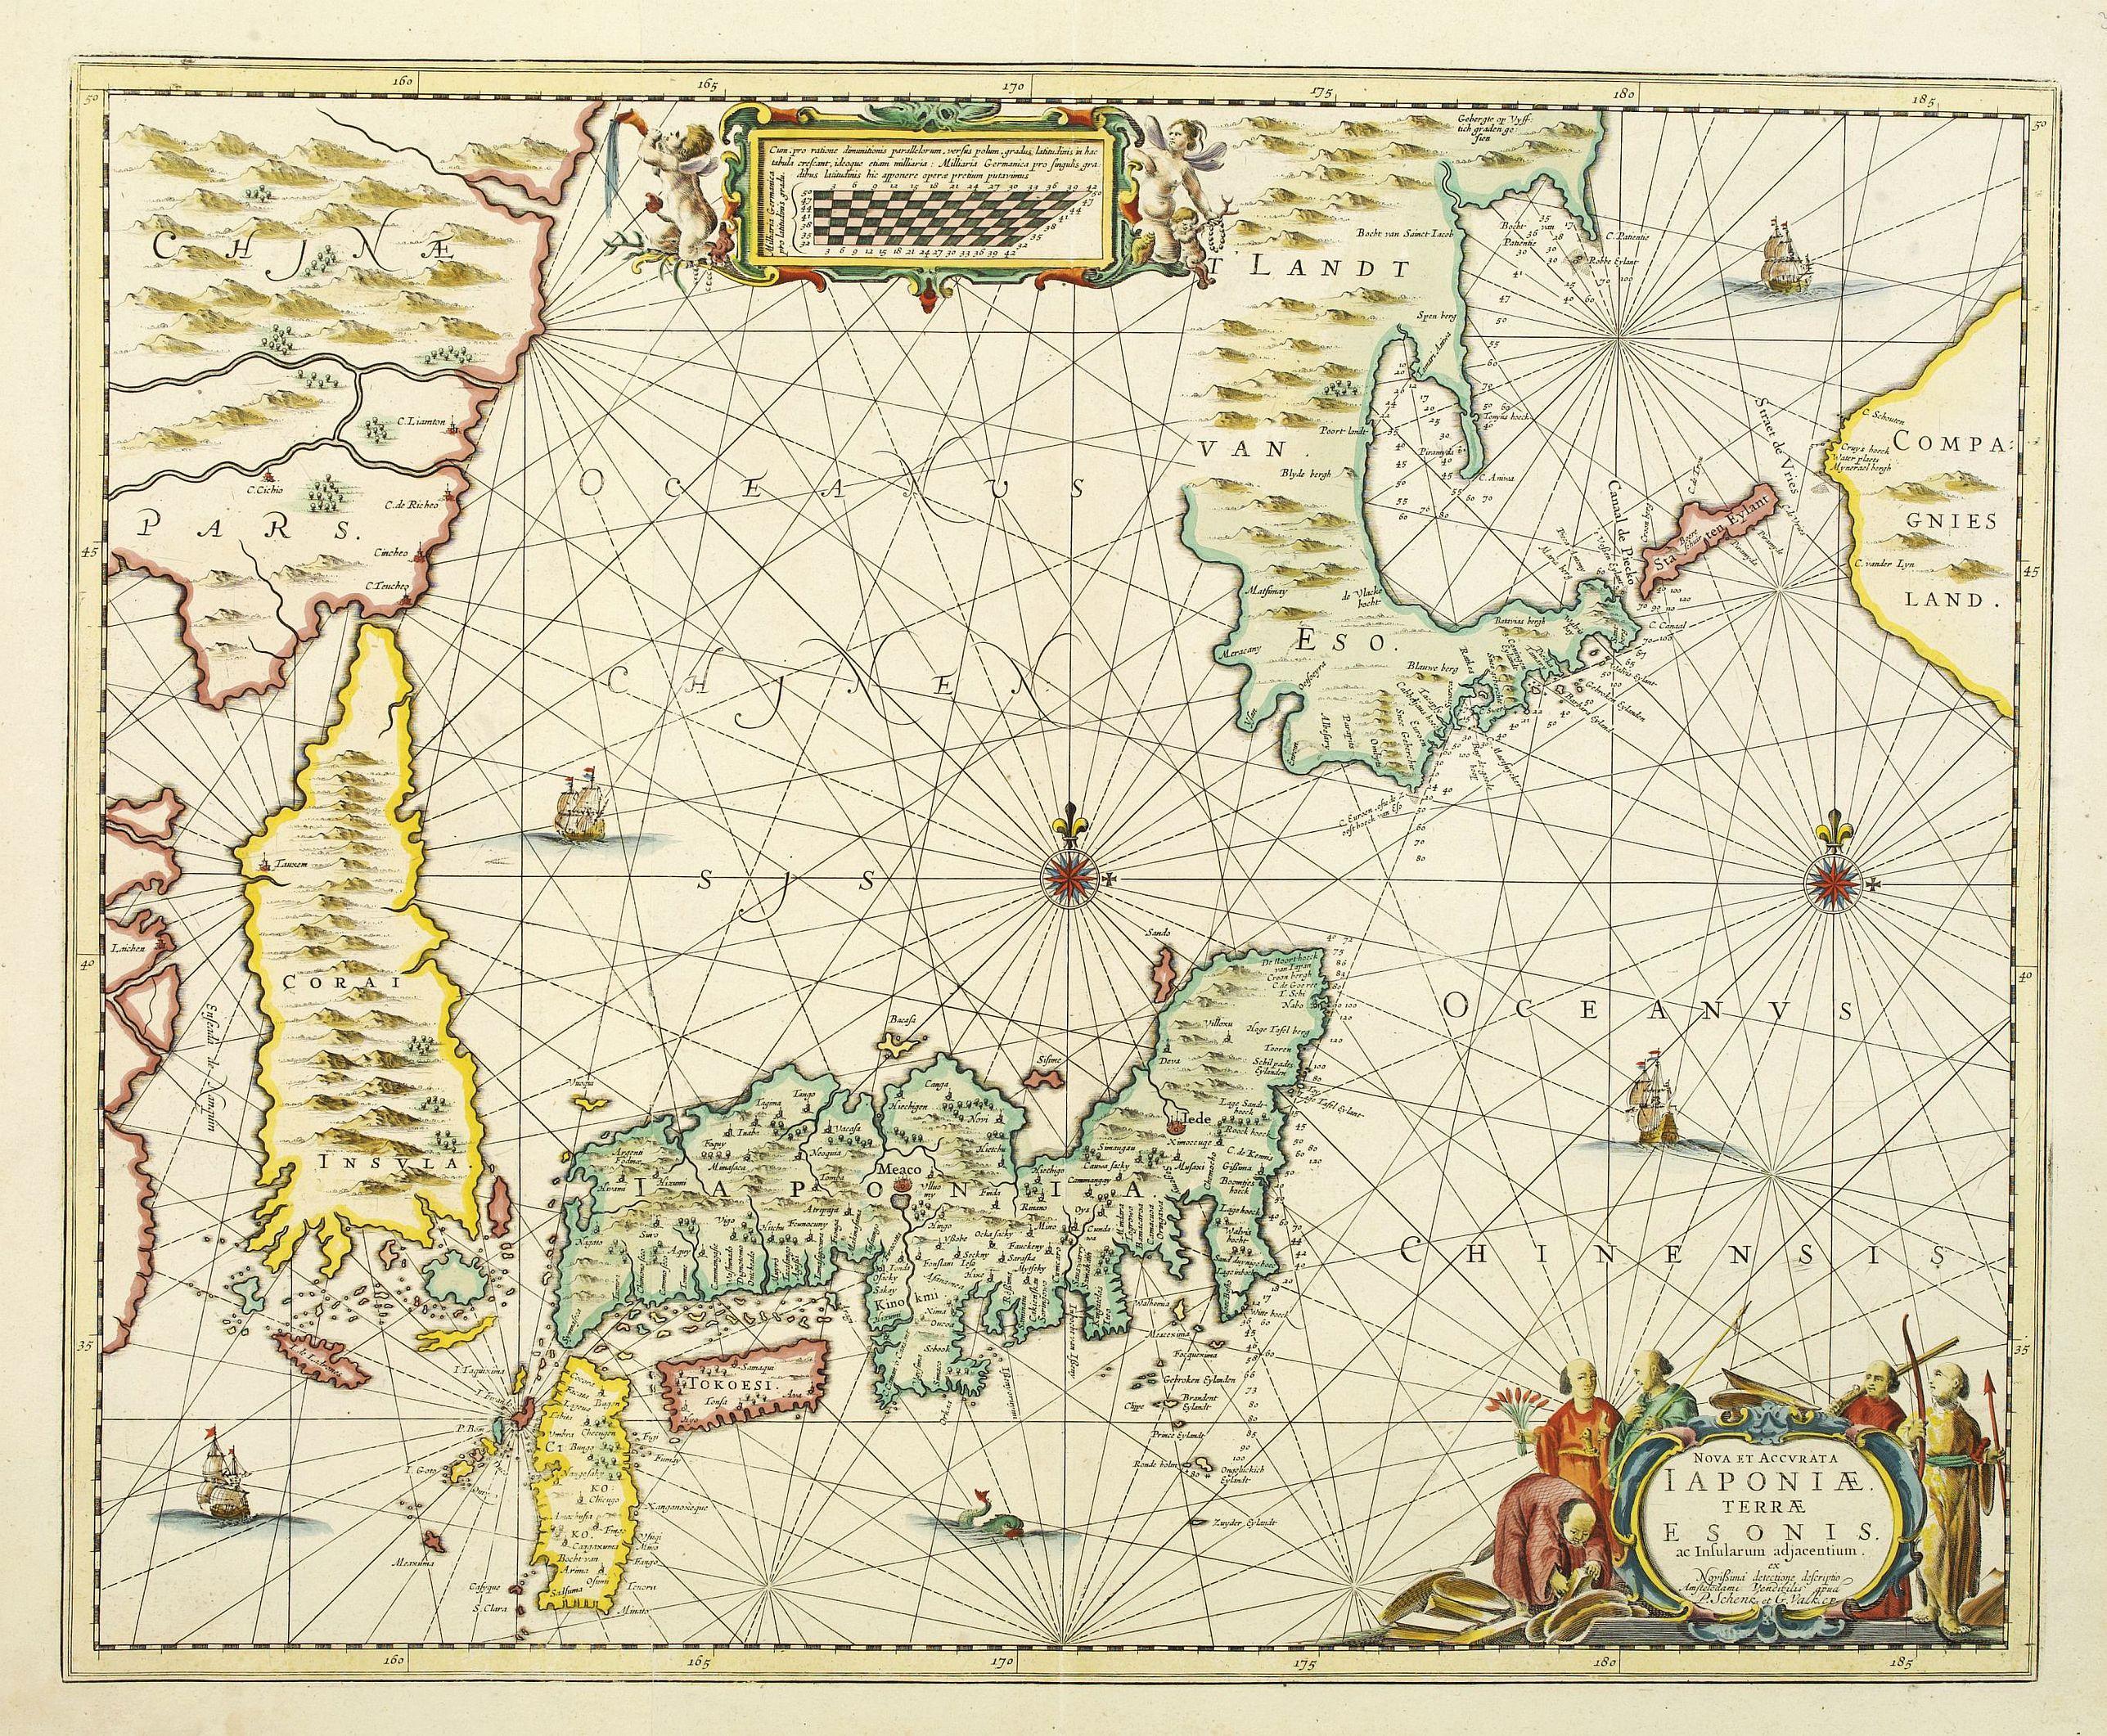 SCHENK, P./ VALK, G. -  Nova et accurata Japoniae terrae Esonis, ac Insularum adjacentium.